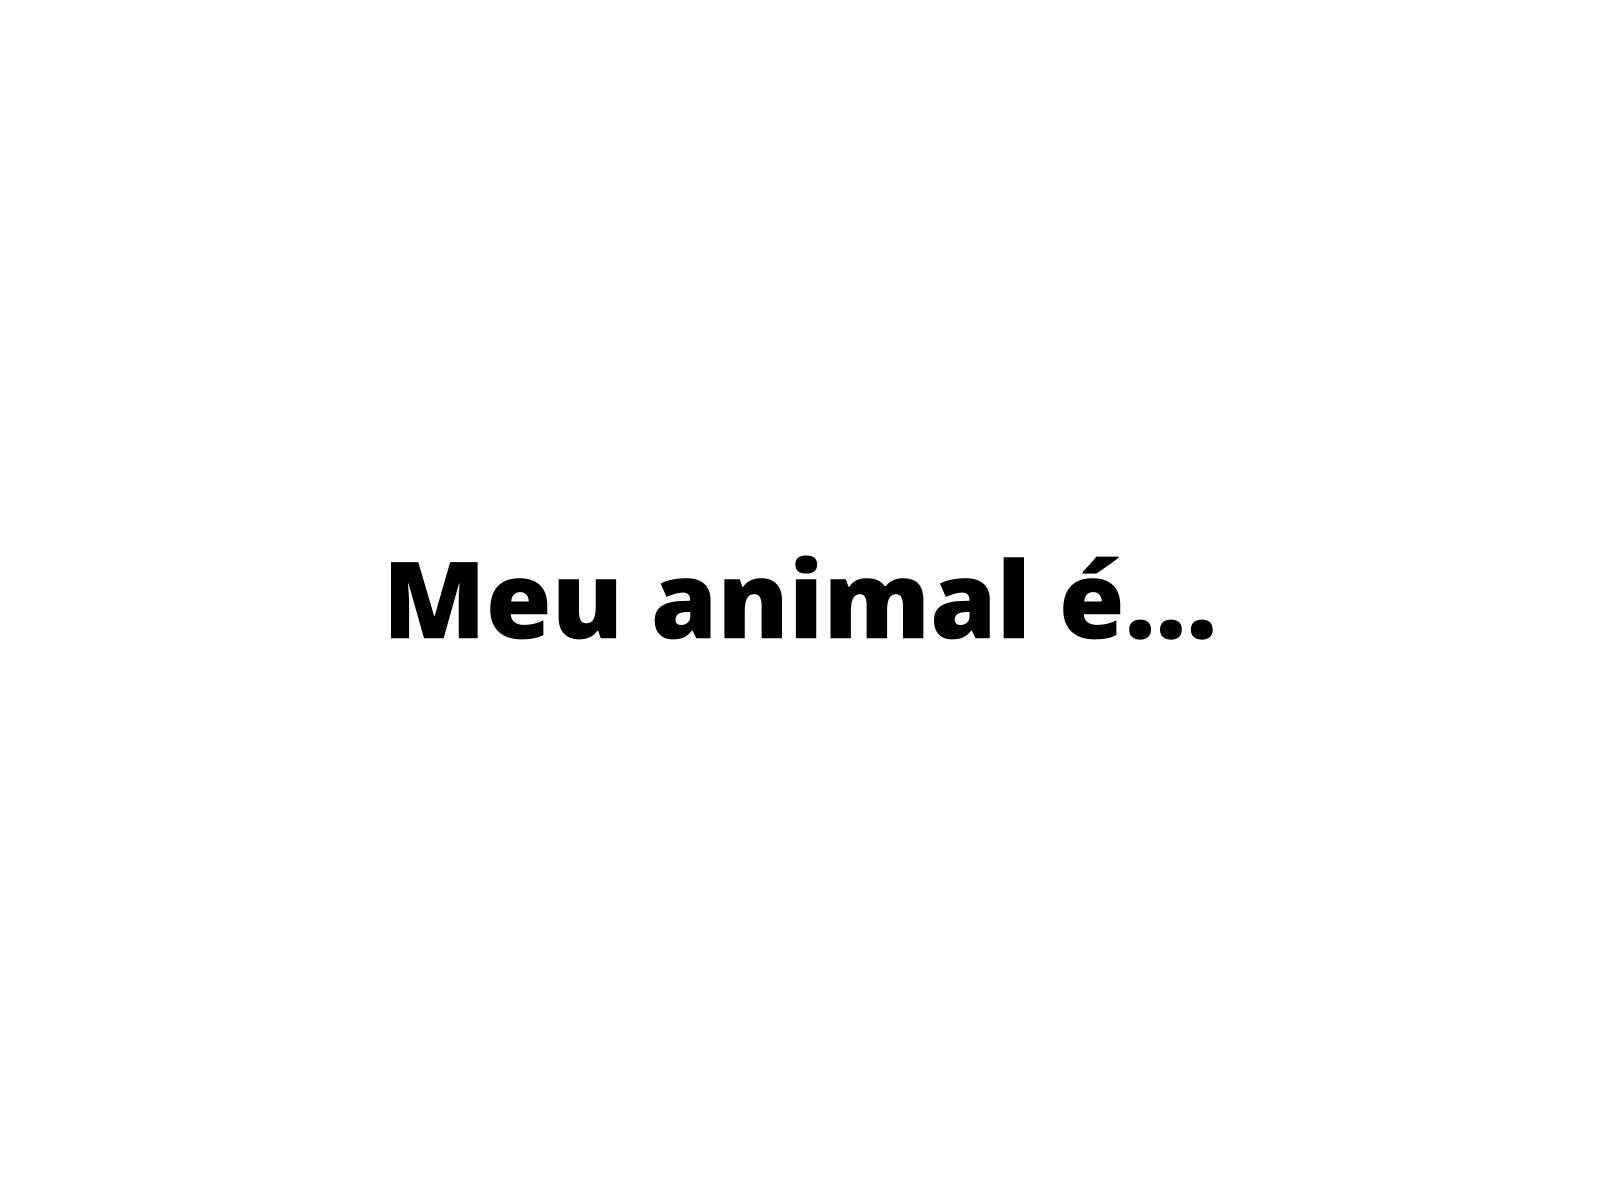 Meu animal é… - Adjetivos